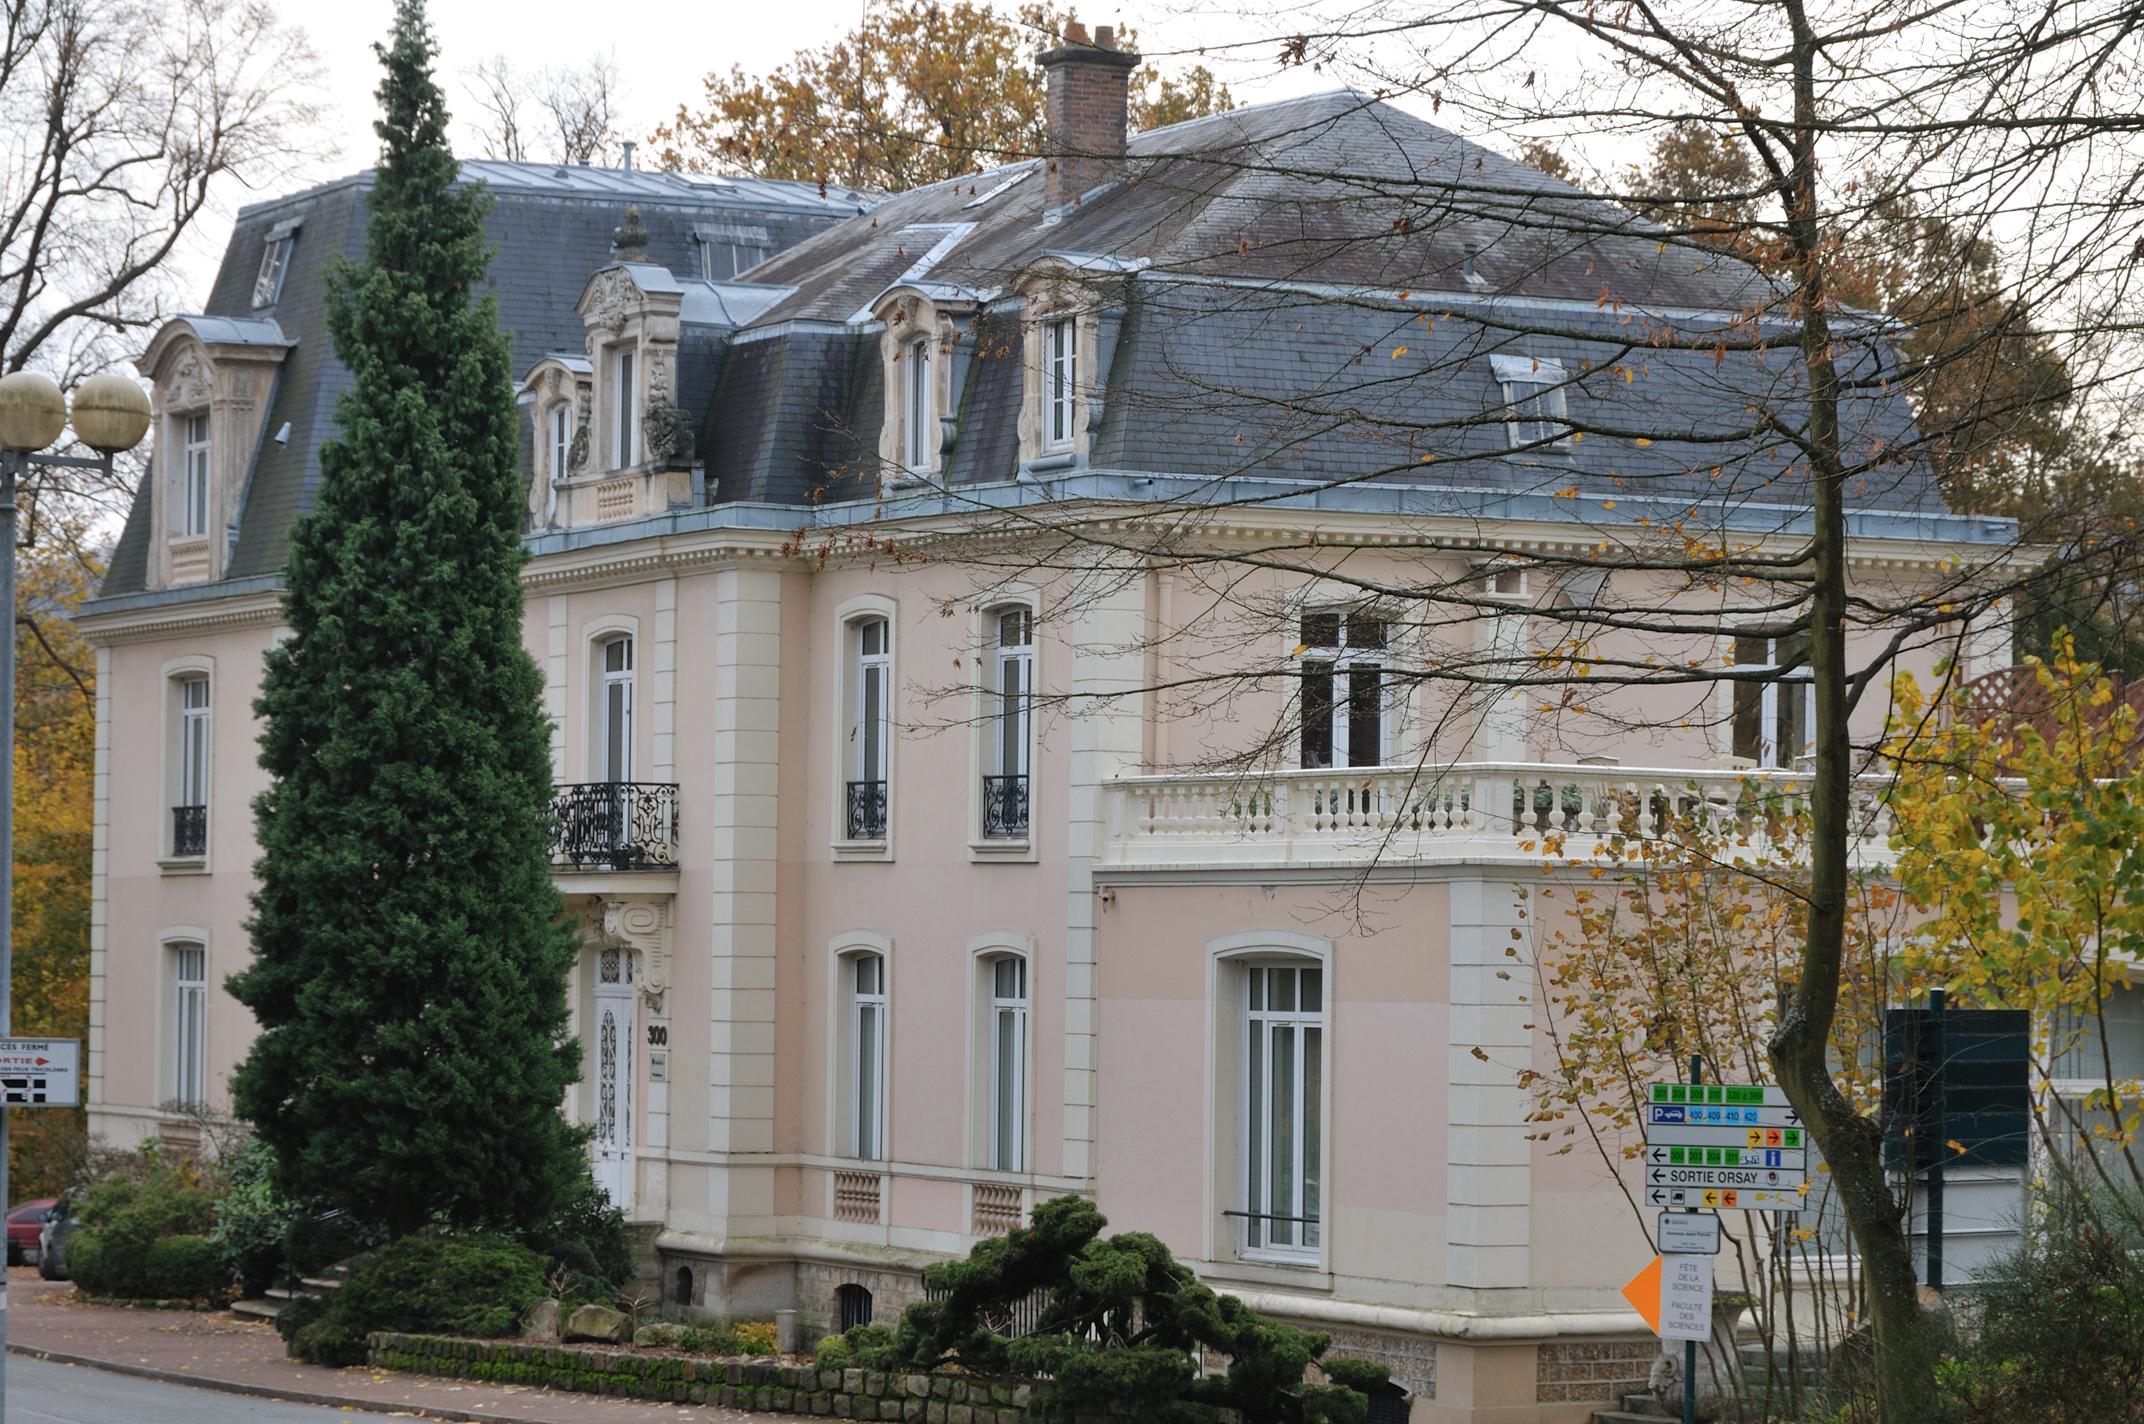 افضل جامعات علوم الفضاء في فرنسا - جامعة باريس سود